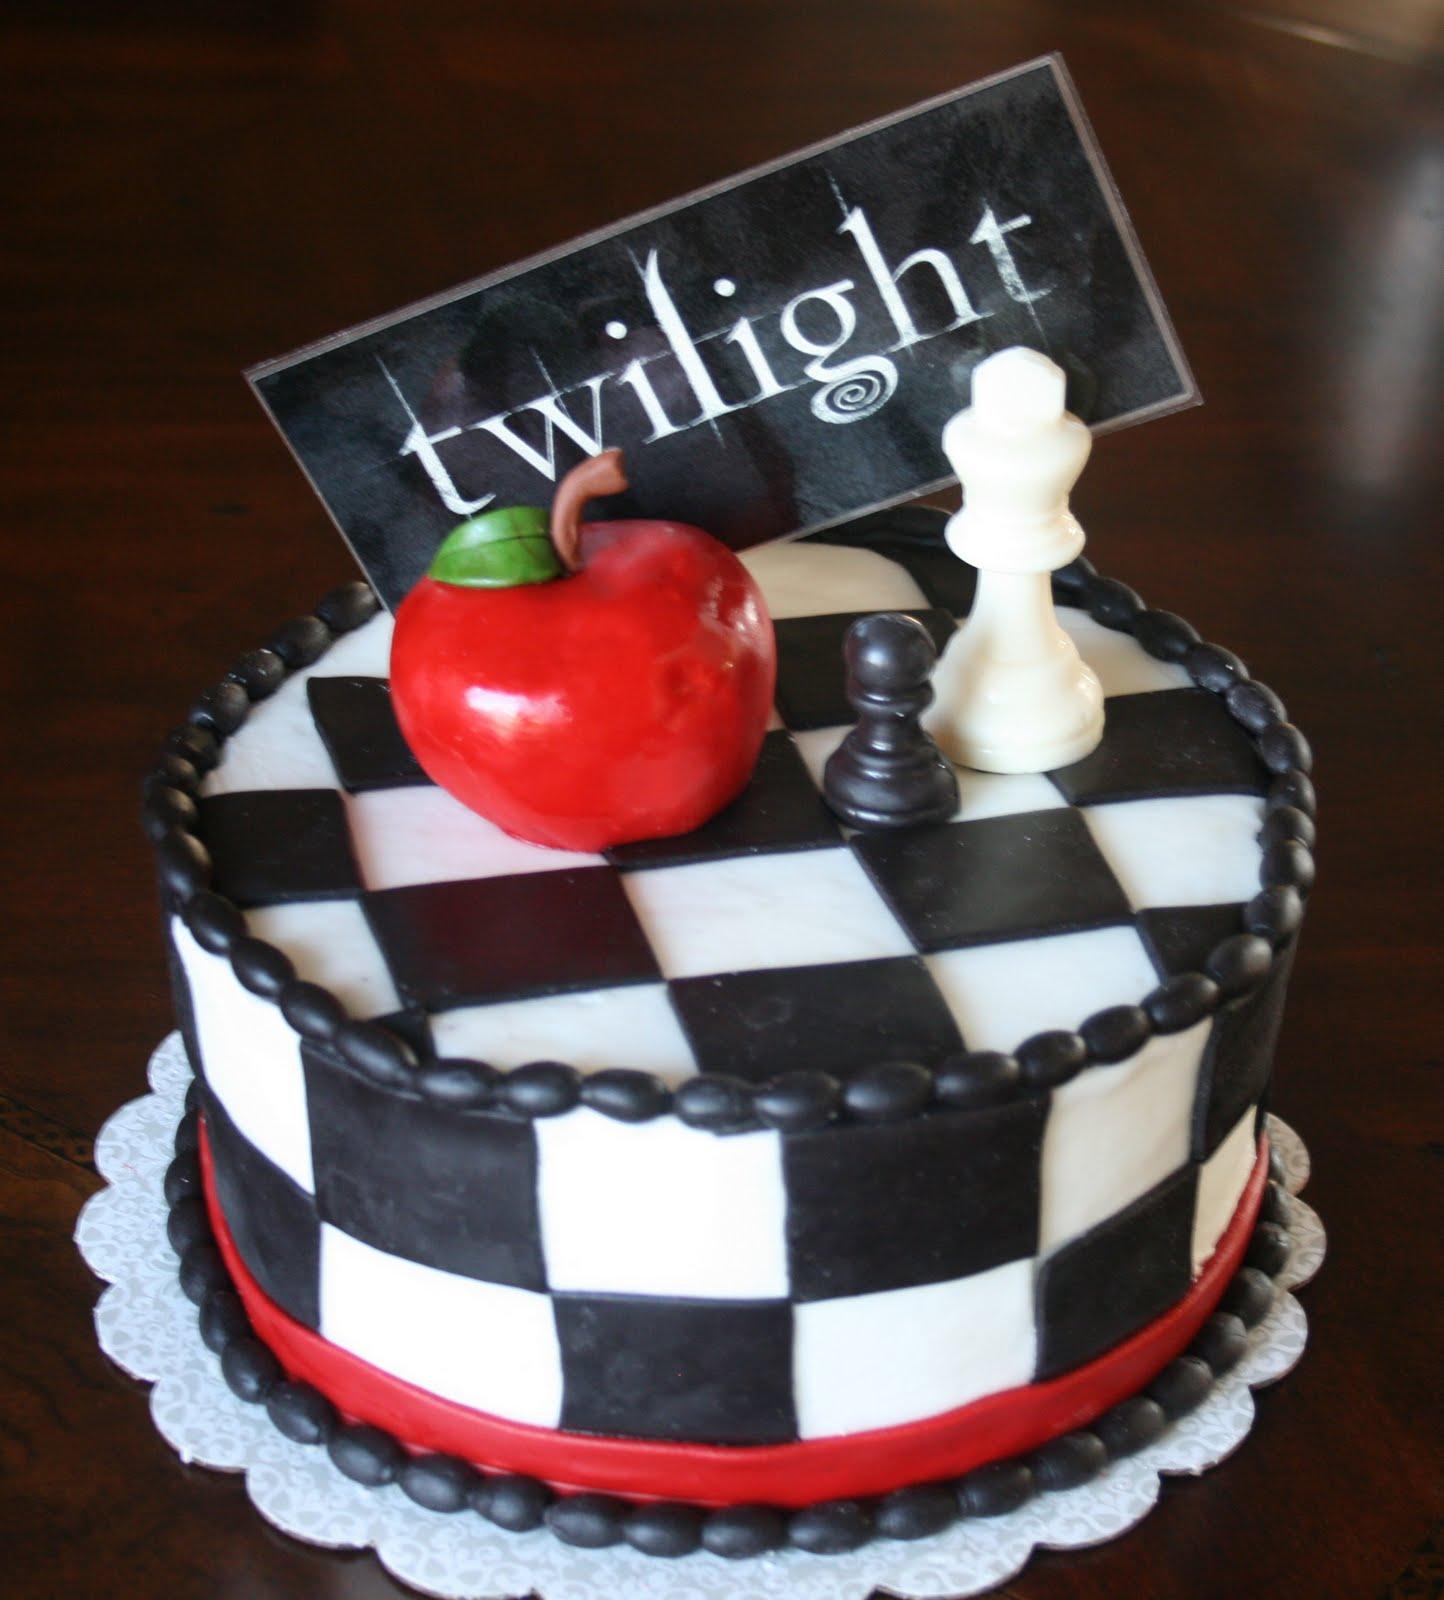 And Everything Sweet Twilight Cake